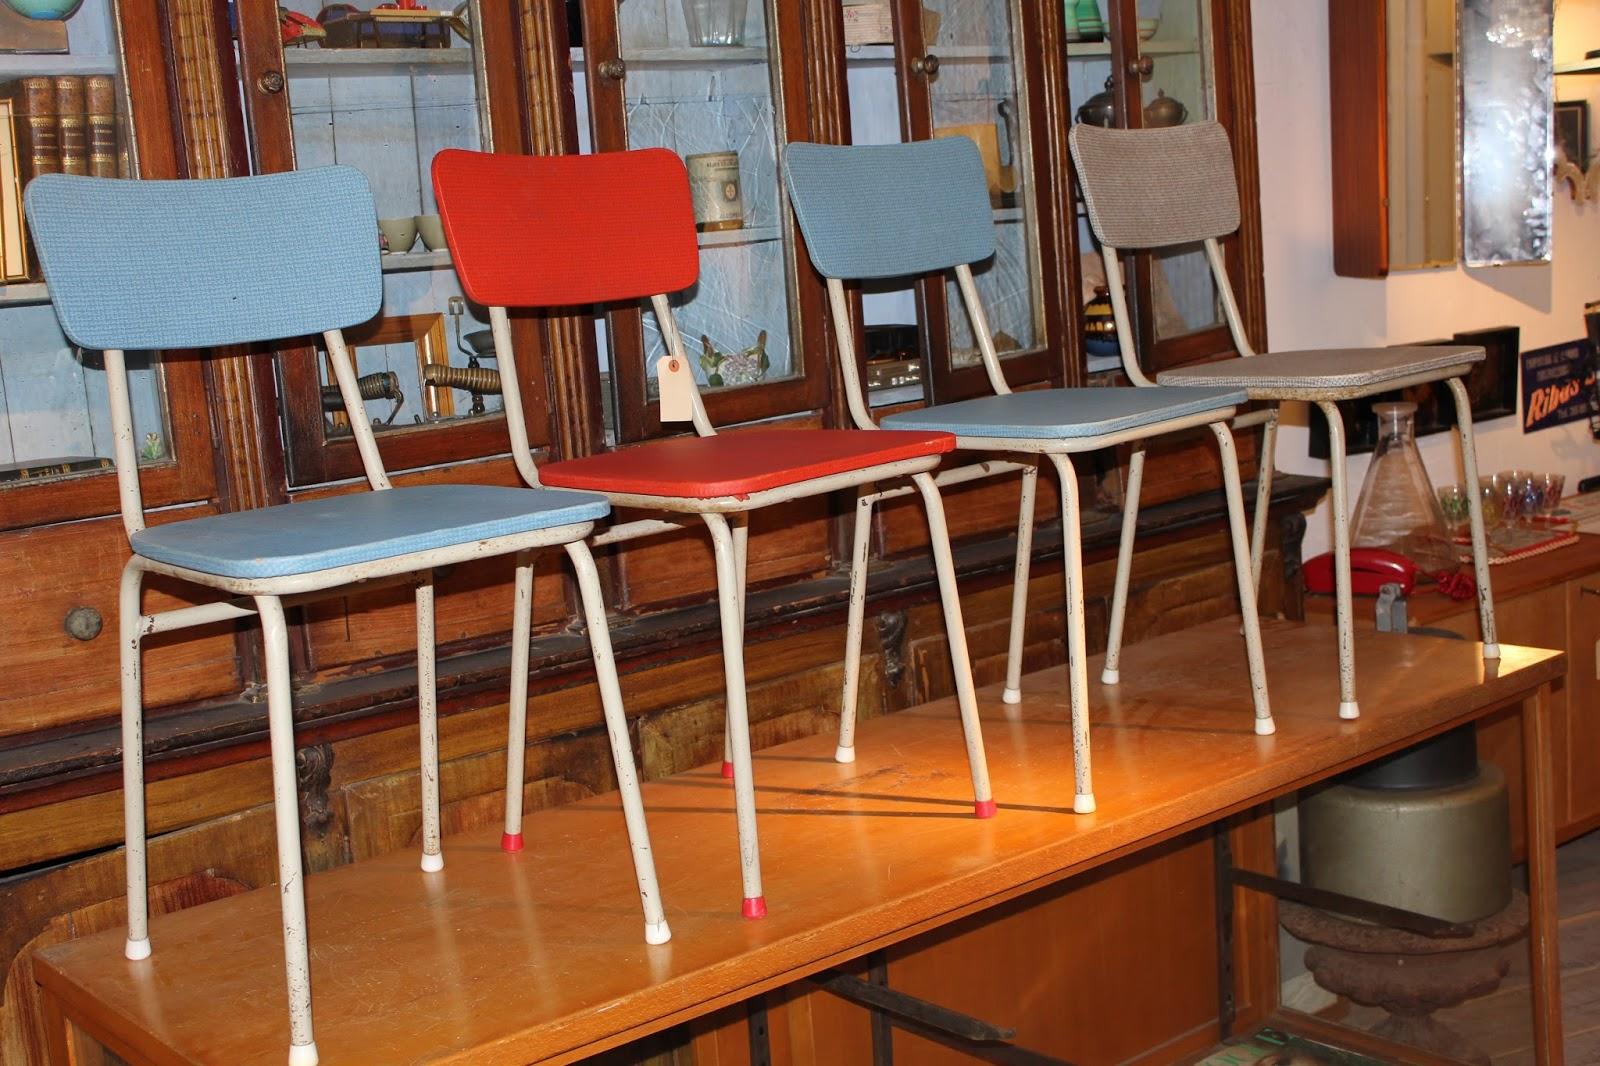 Silla vintage segunda mano sillas para un comedor rstico for Sillas vintage segunda mano